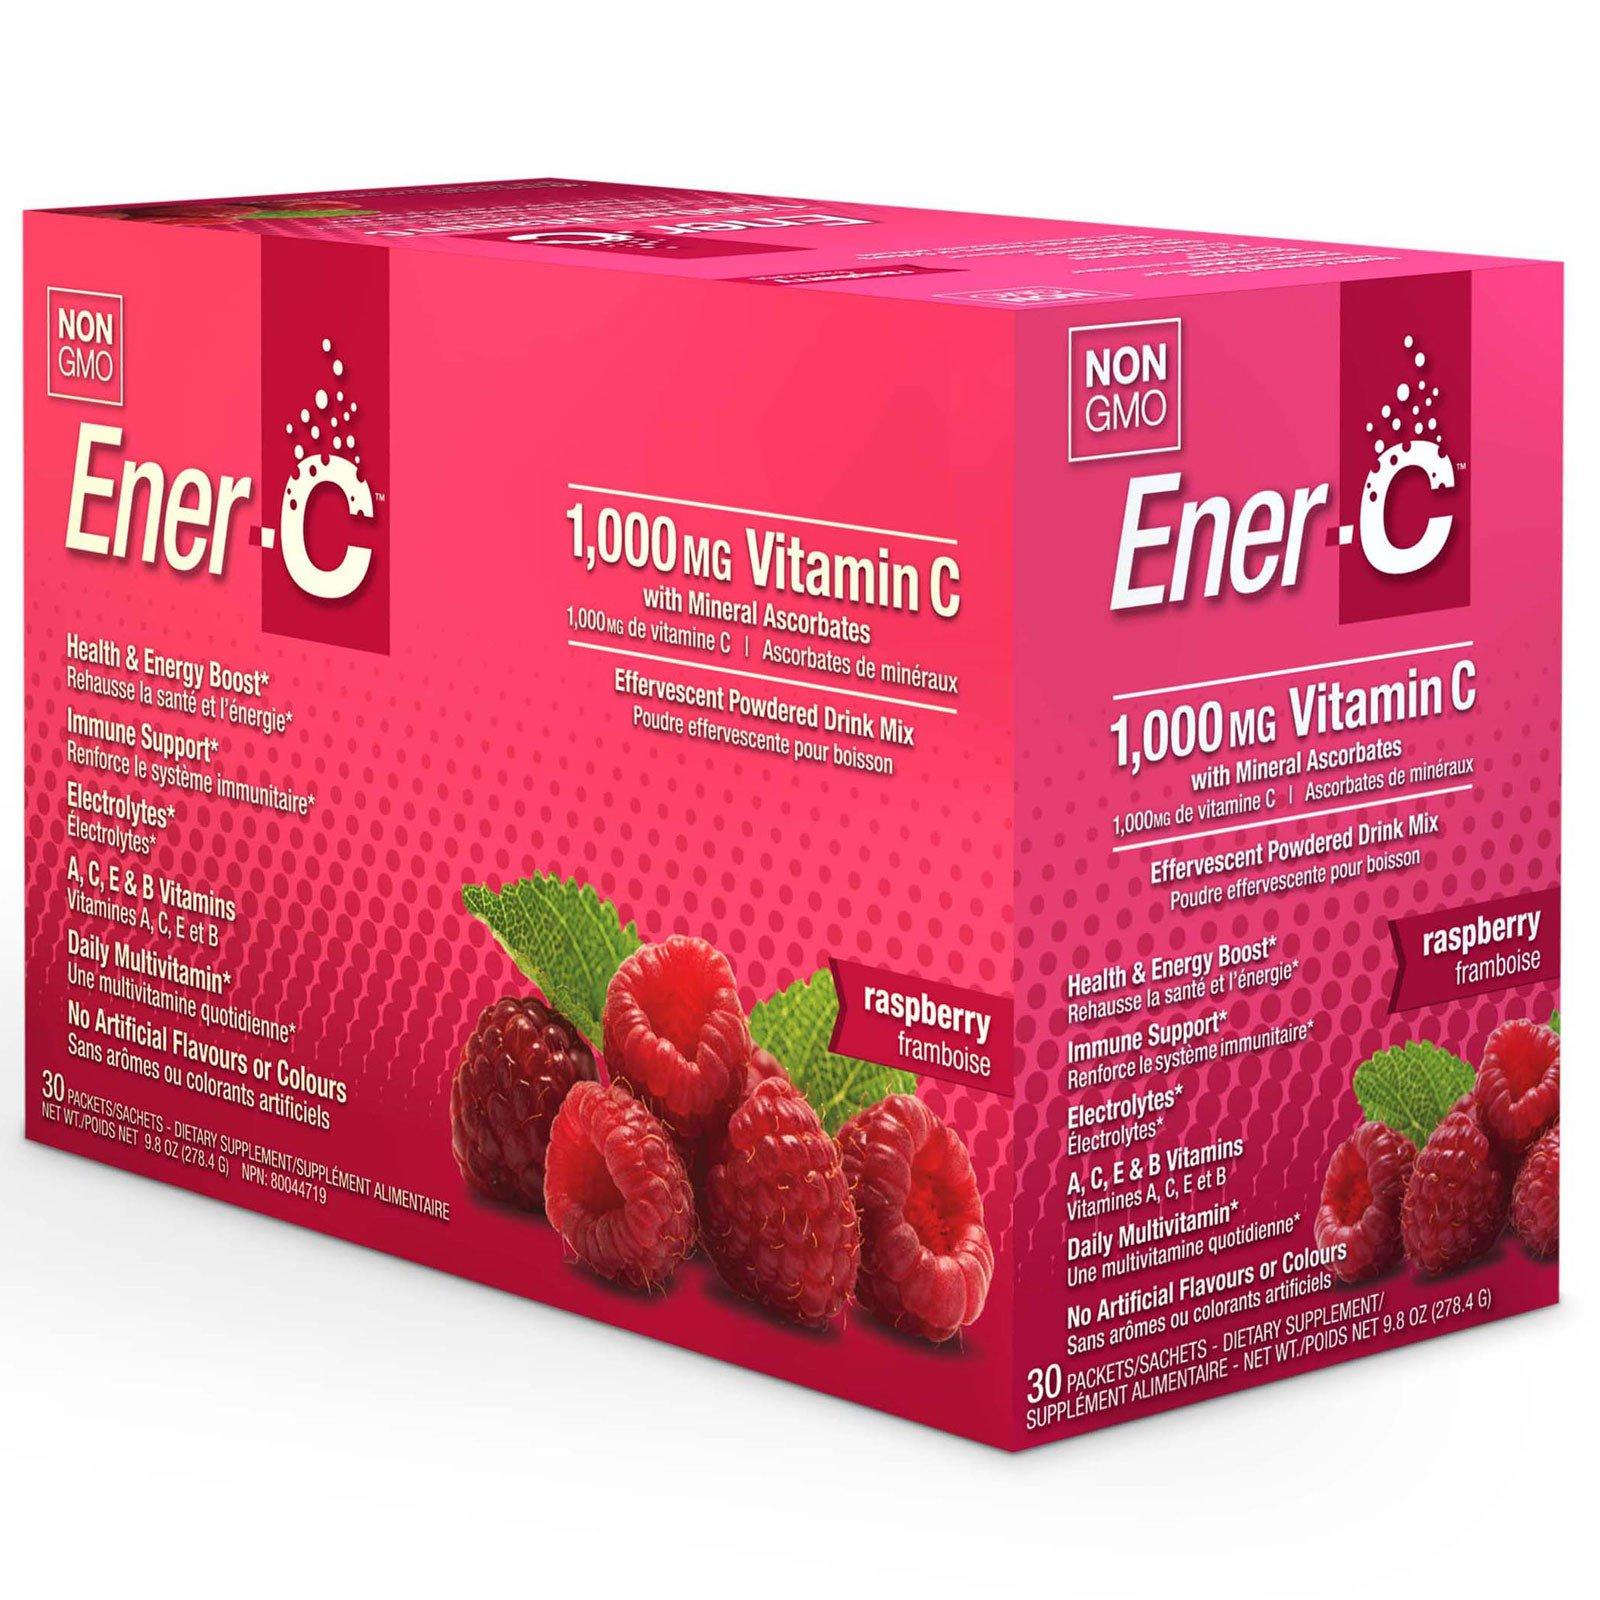 Ener-C, Витамин C, шипучий растворимый порошок для напитка со вкусом малины, 30 пакетиков, 9,8 унции (277 г)